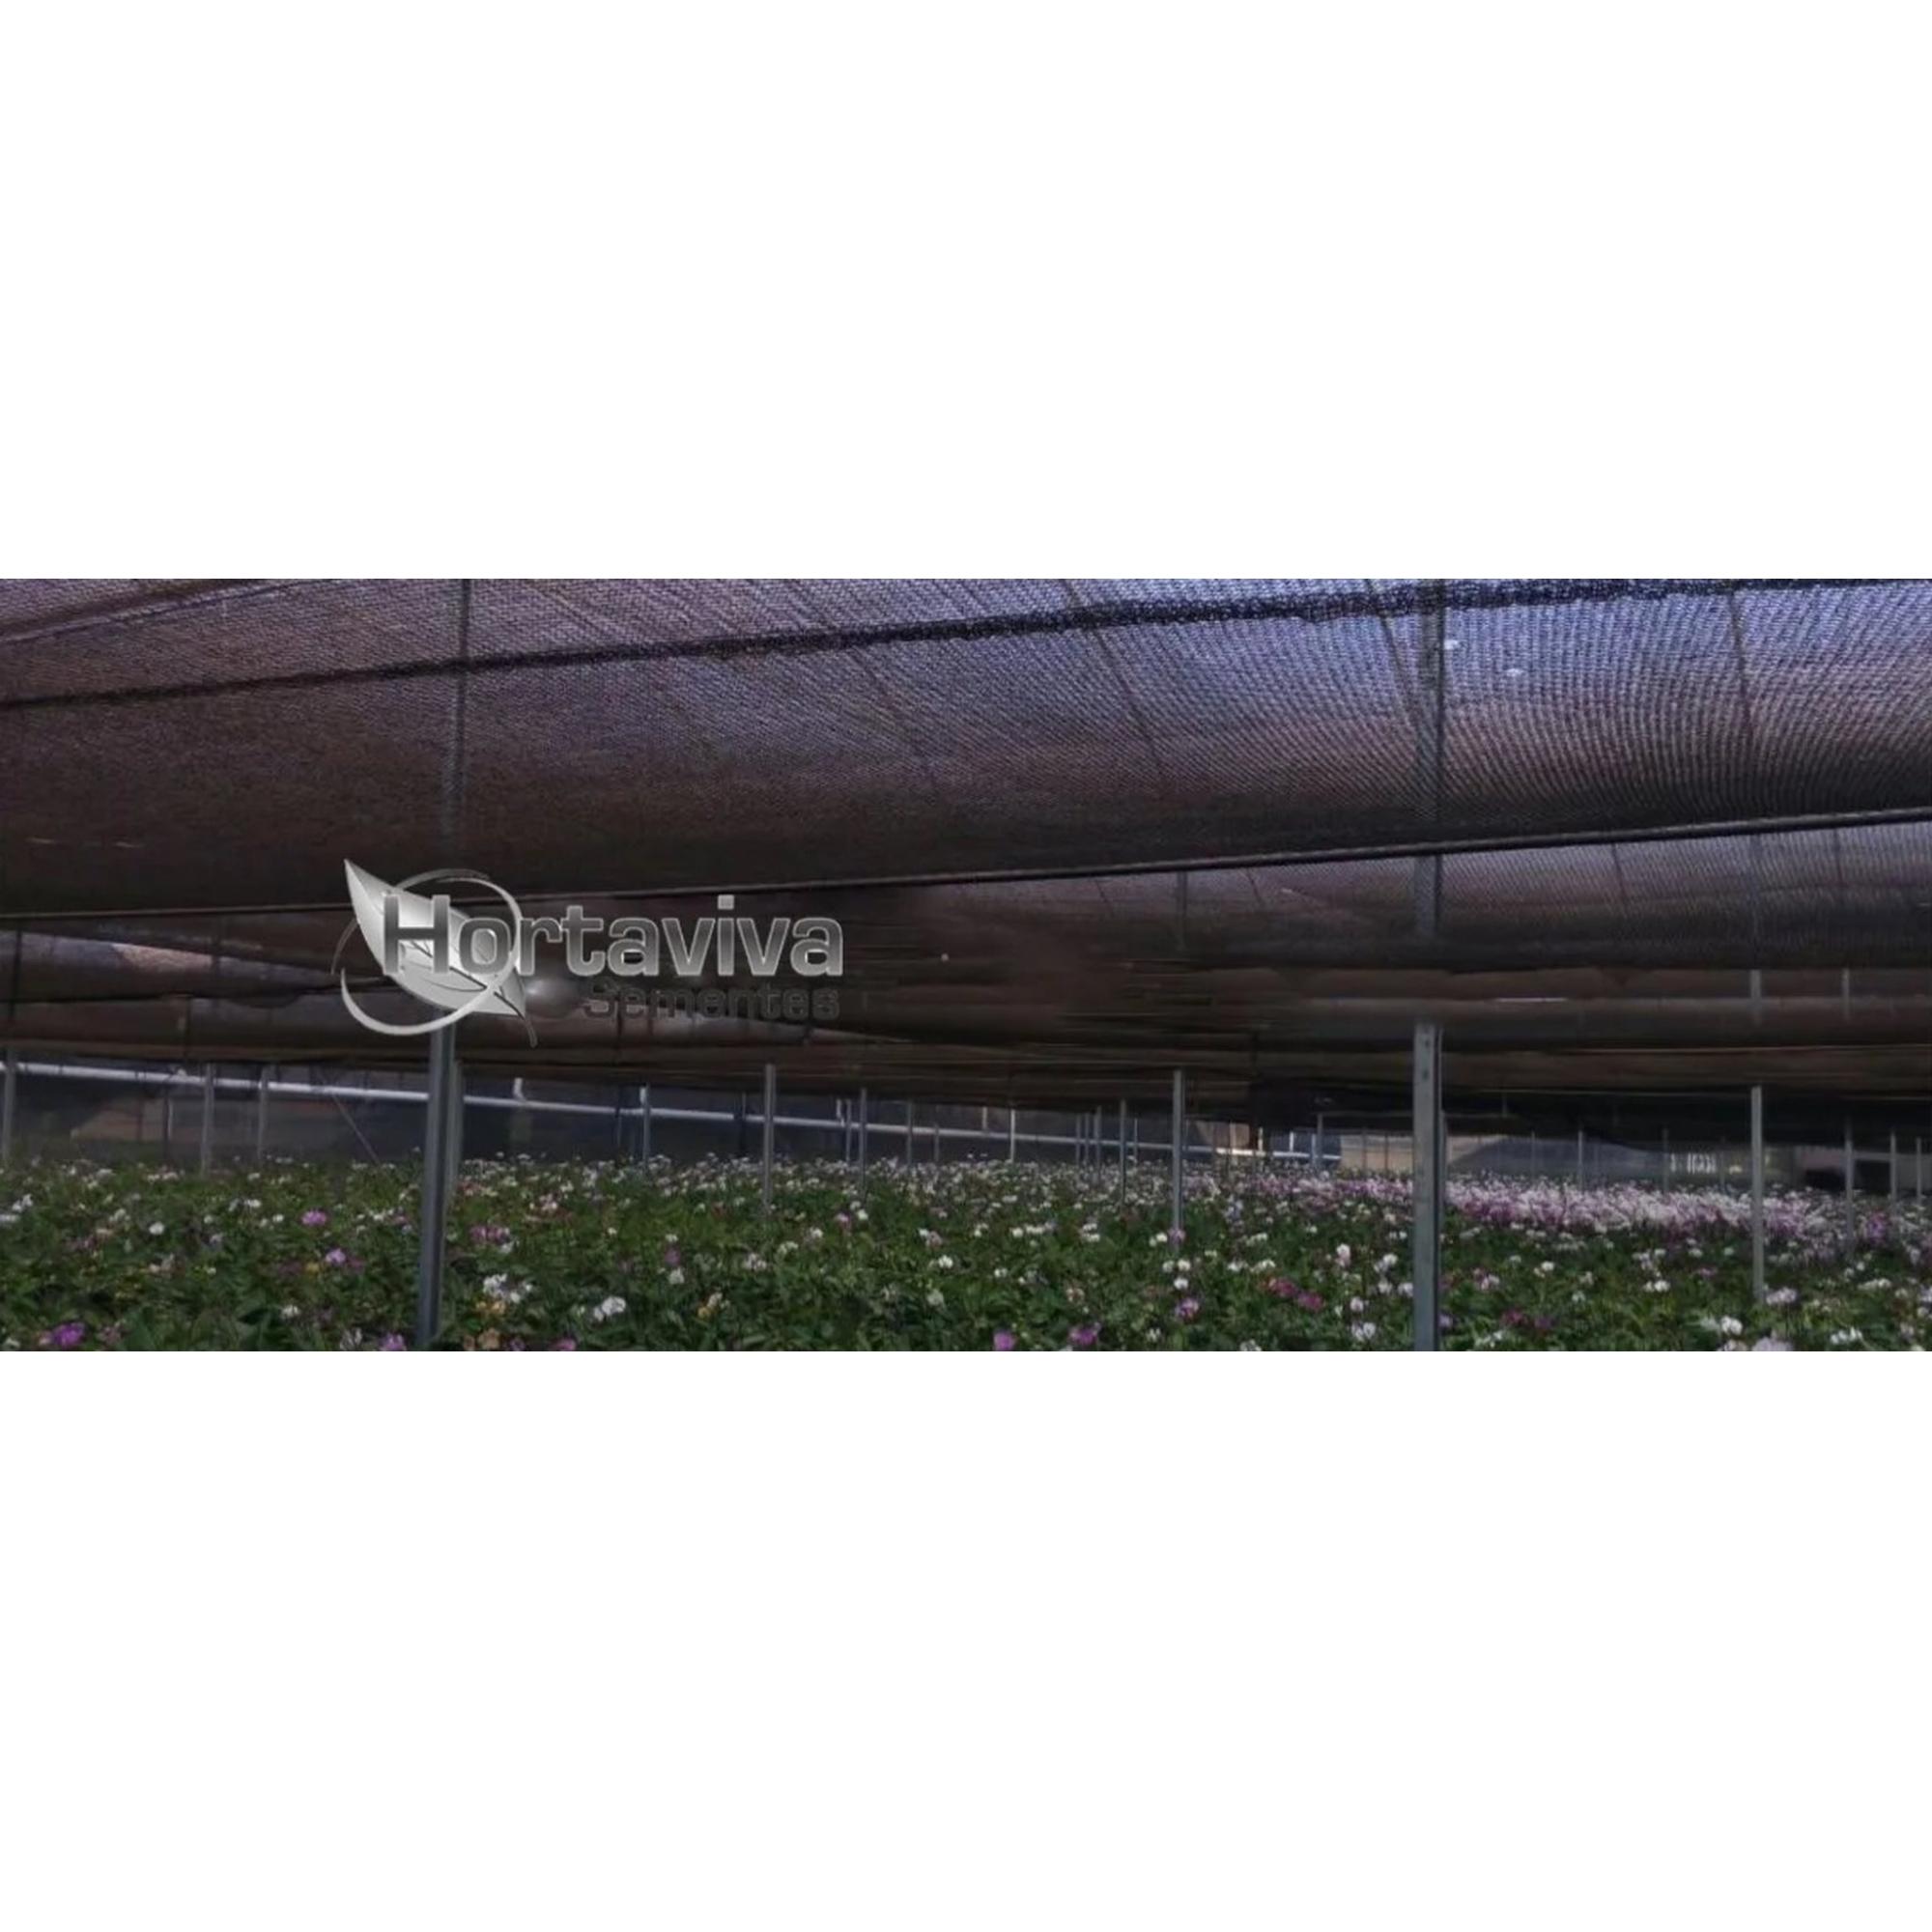 Tela de Sombreamento Preta 50% - 8 Metros x 150 Metros